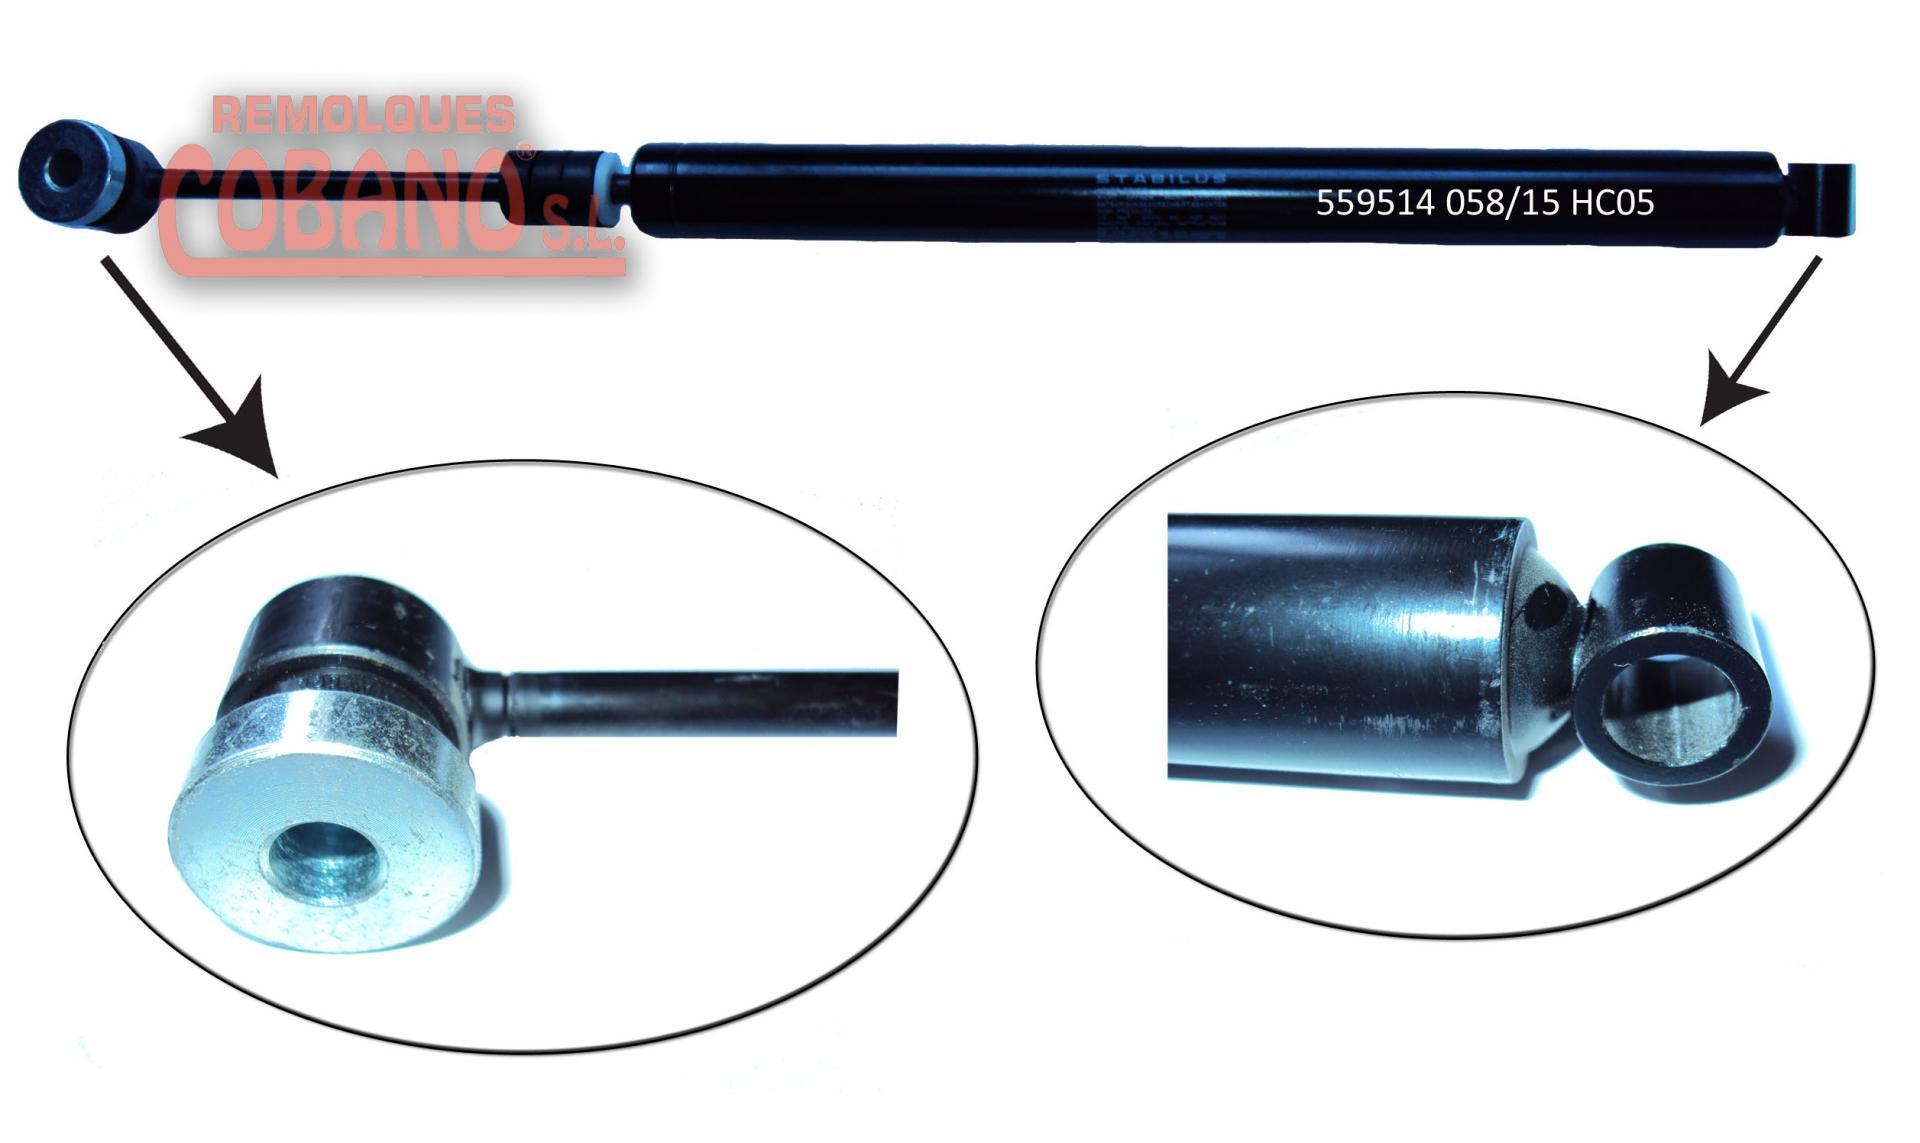 AMORTIGUADOR STABILUS (AXF) 900 / 1500 KG